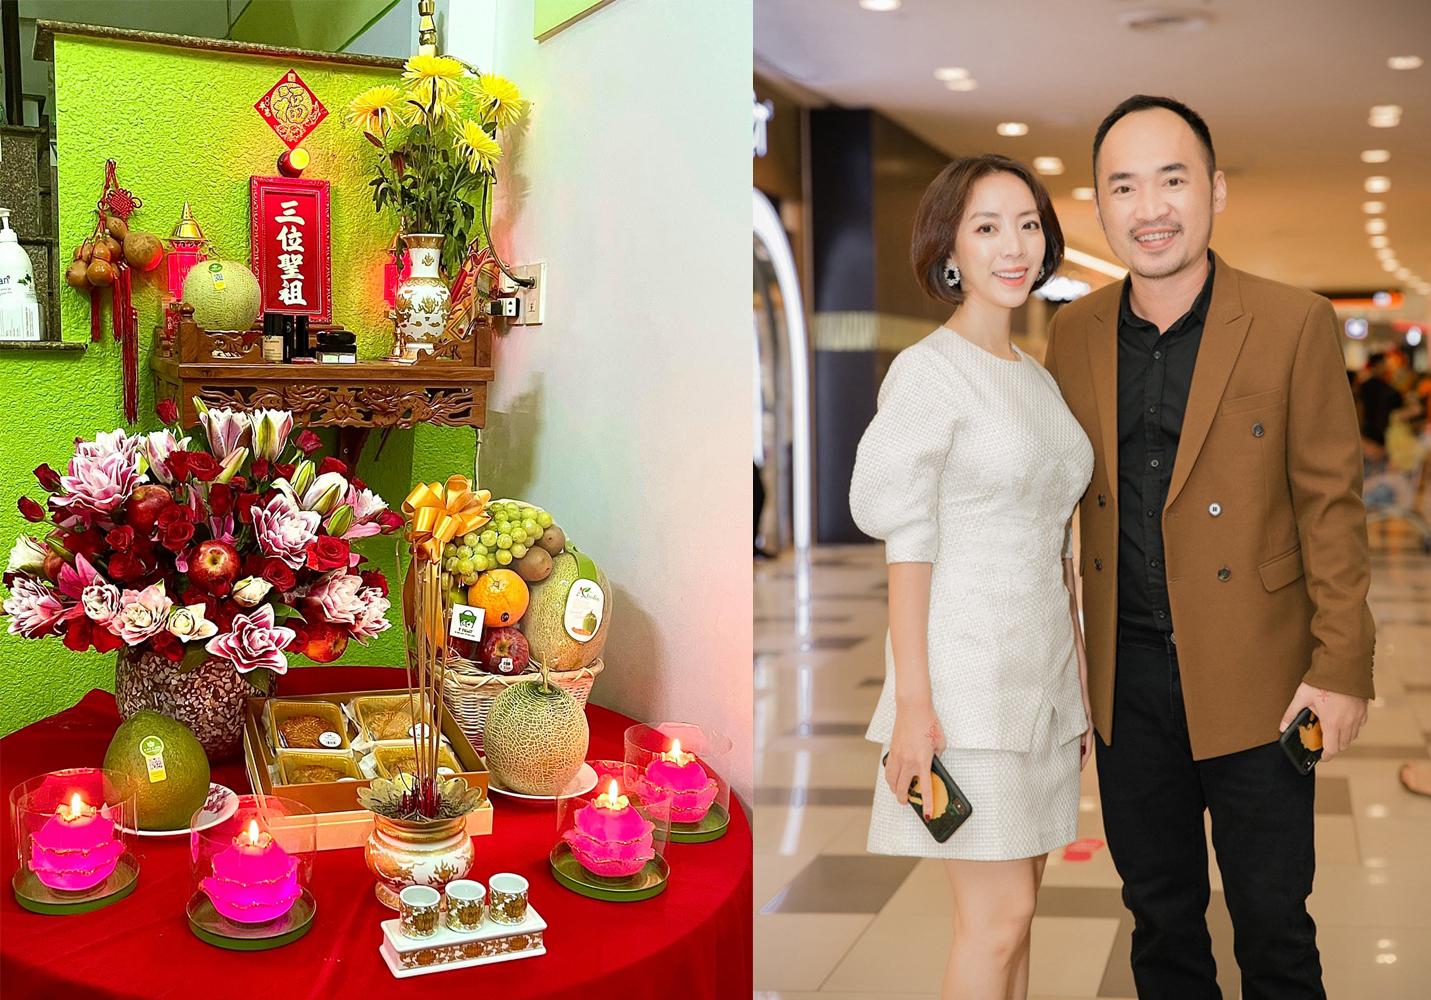 Vợ chồng diễn viên Thu Trang, Tiến Luật mong Tổ nghề thương và mang bình an đến anh, chị, em nghệ sĩ để tiếp tục cống hiến cho khán giả.